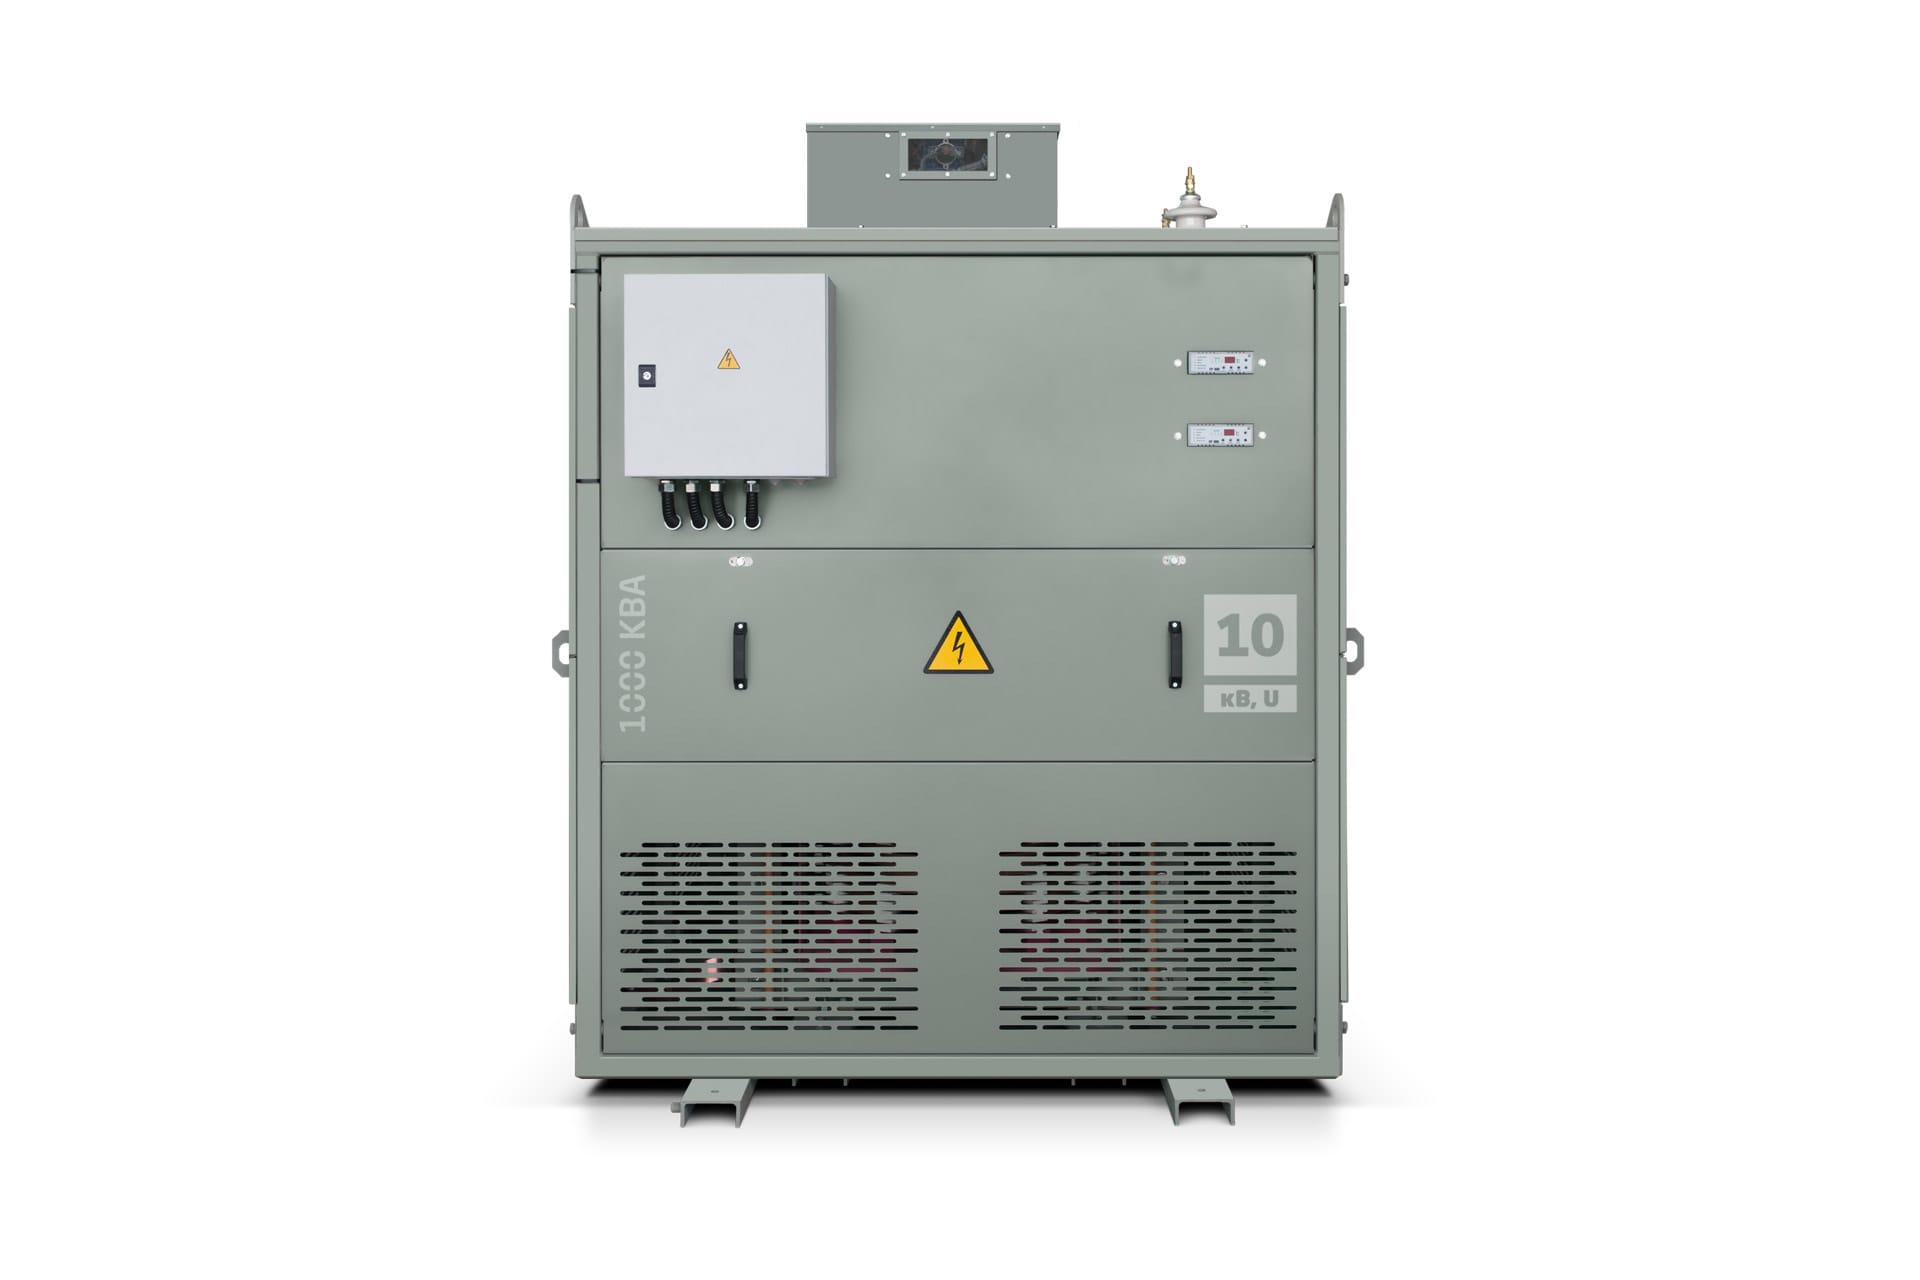 Ensons - Общий вид сухого агрегата АЗДПС 6(10) кВ